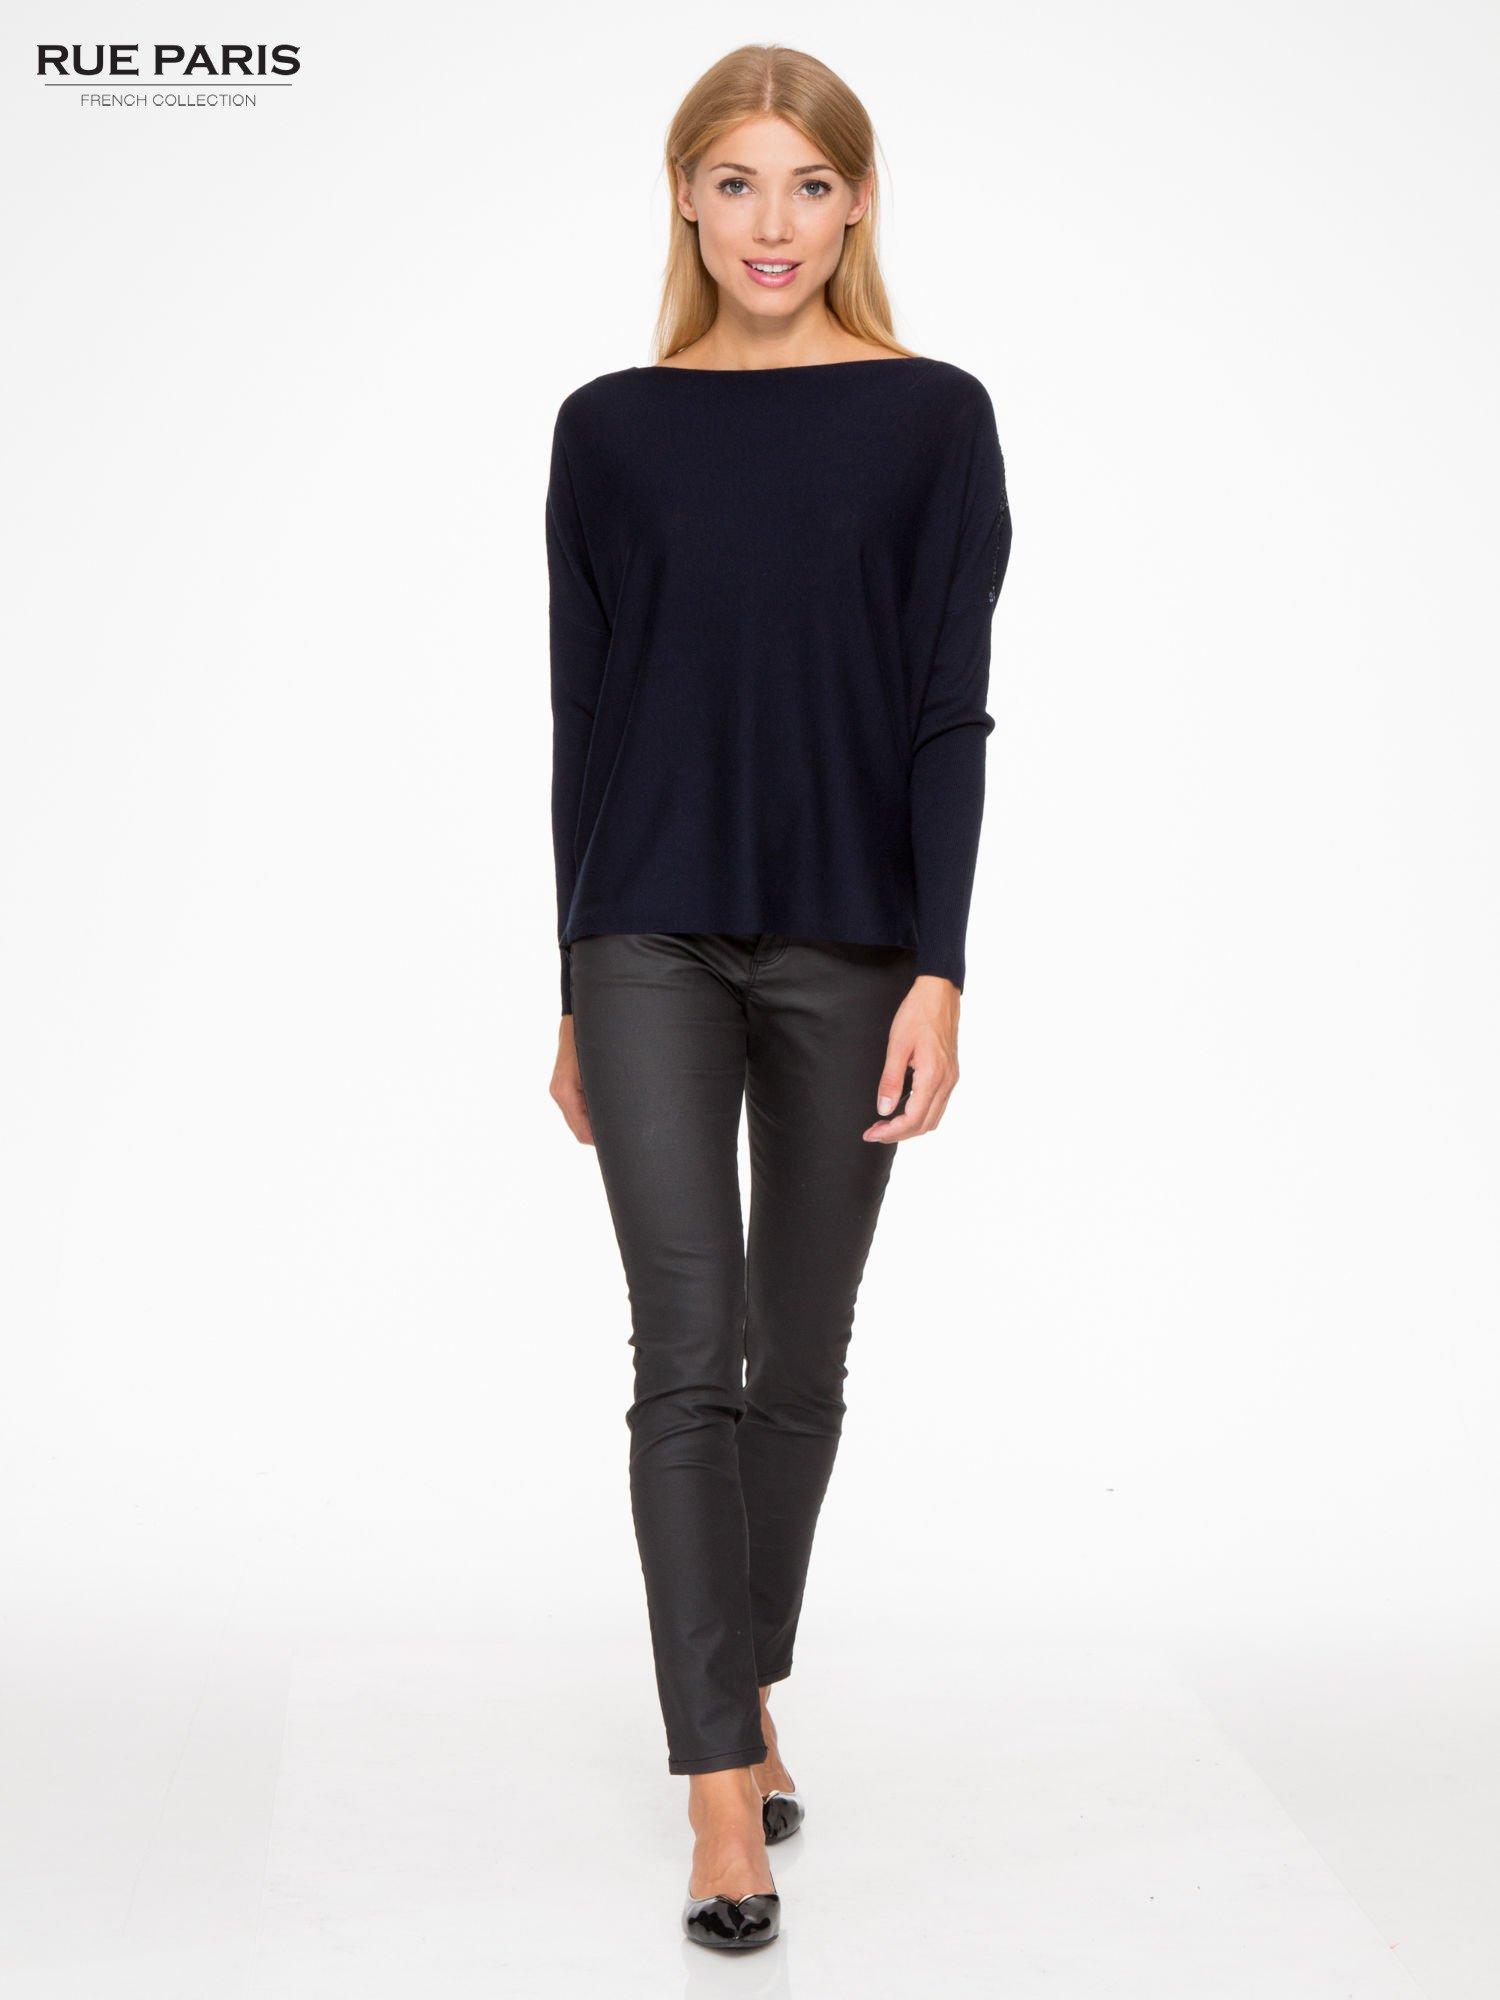 Granatowy sweter o nietoperzowym kroju z cekinową aplikacją na rękawach                                  zdj.                                  2